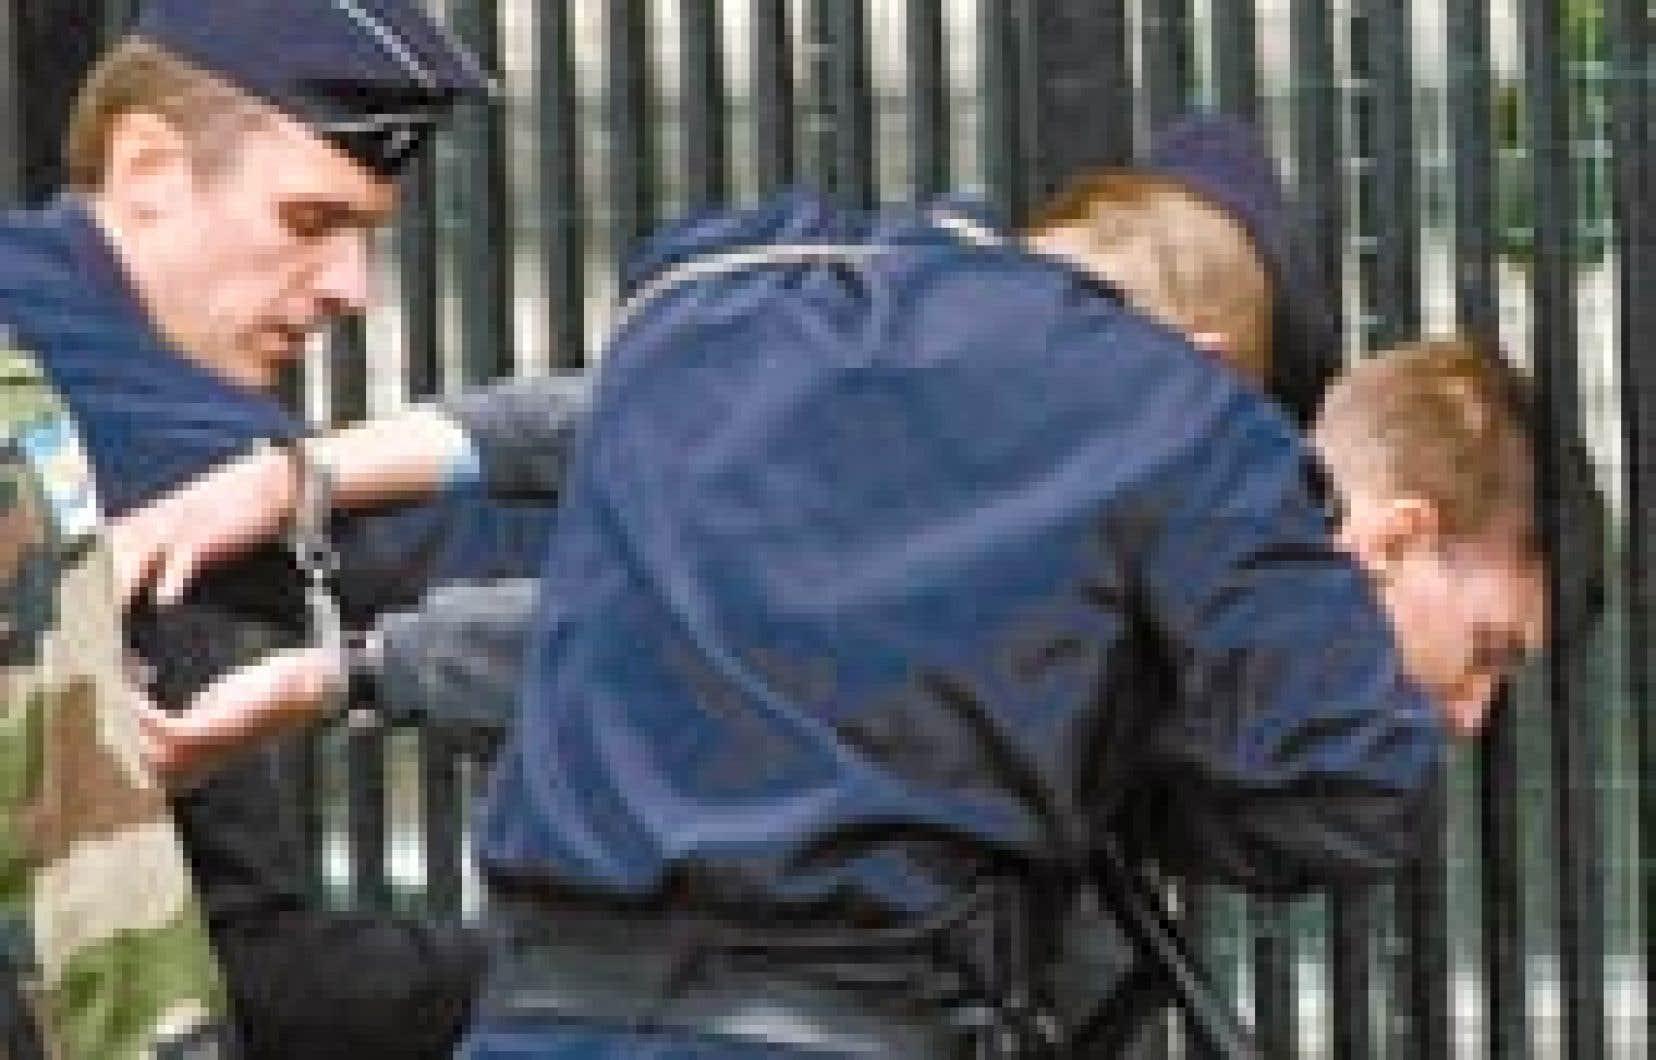 Le tireur, Maxime Brunerie, 25 ans, militant de la région parisienne d'un groupuscule d'extrême droite, le Groupe Union Défense, a été maîtrisé par des policiers ameutés par la foule. Jacques Chirac ne s'est aperçu de rien. Le geste survie